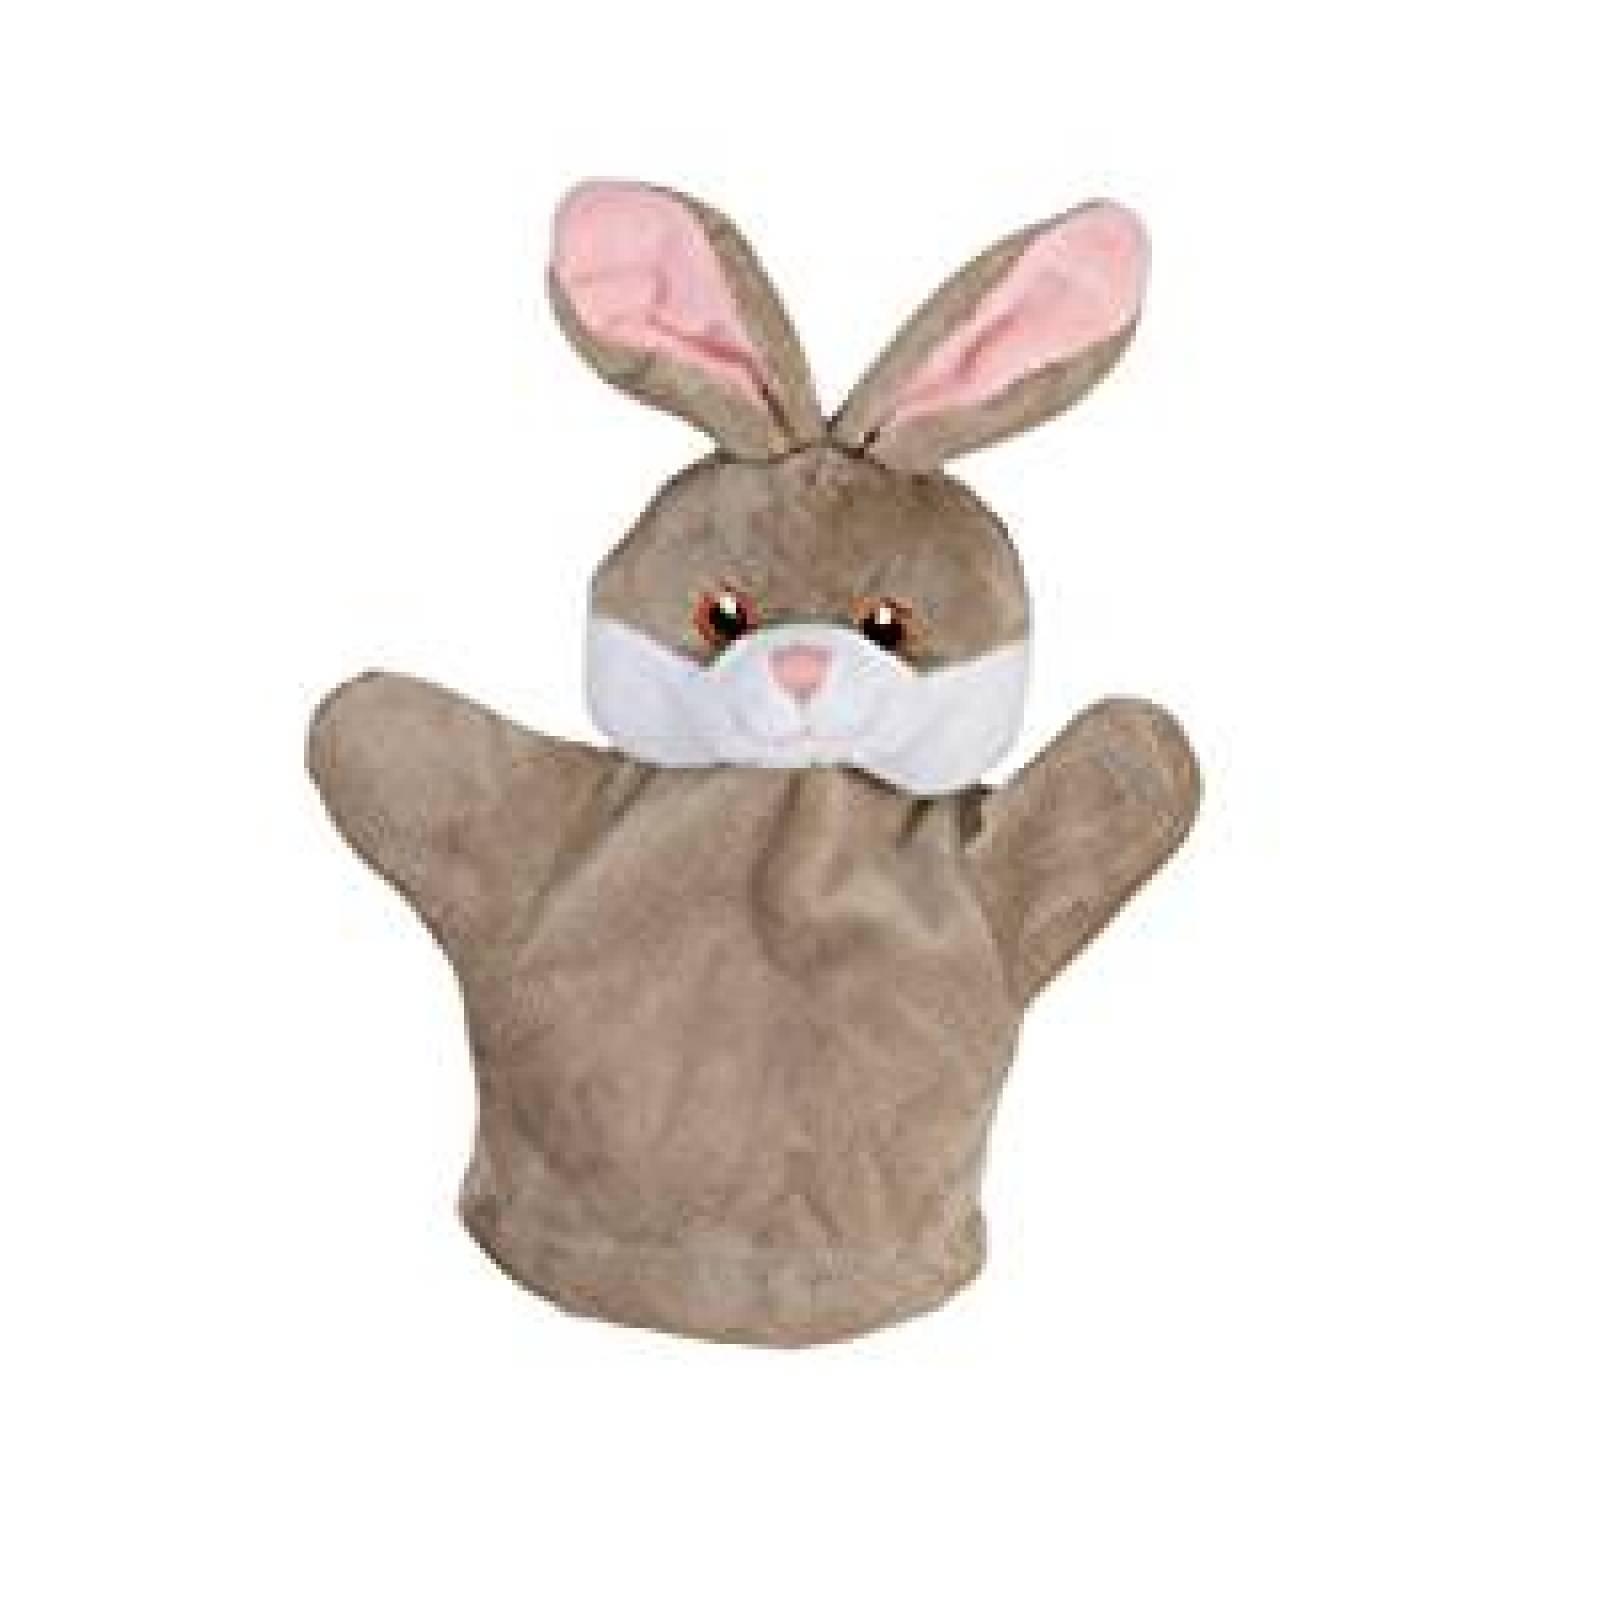 Rabbit - My First Puppet 0+